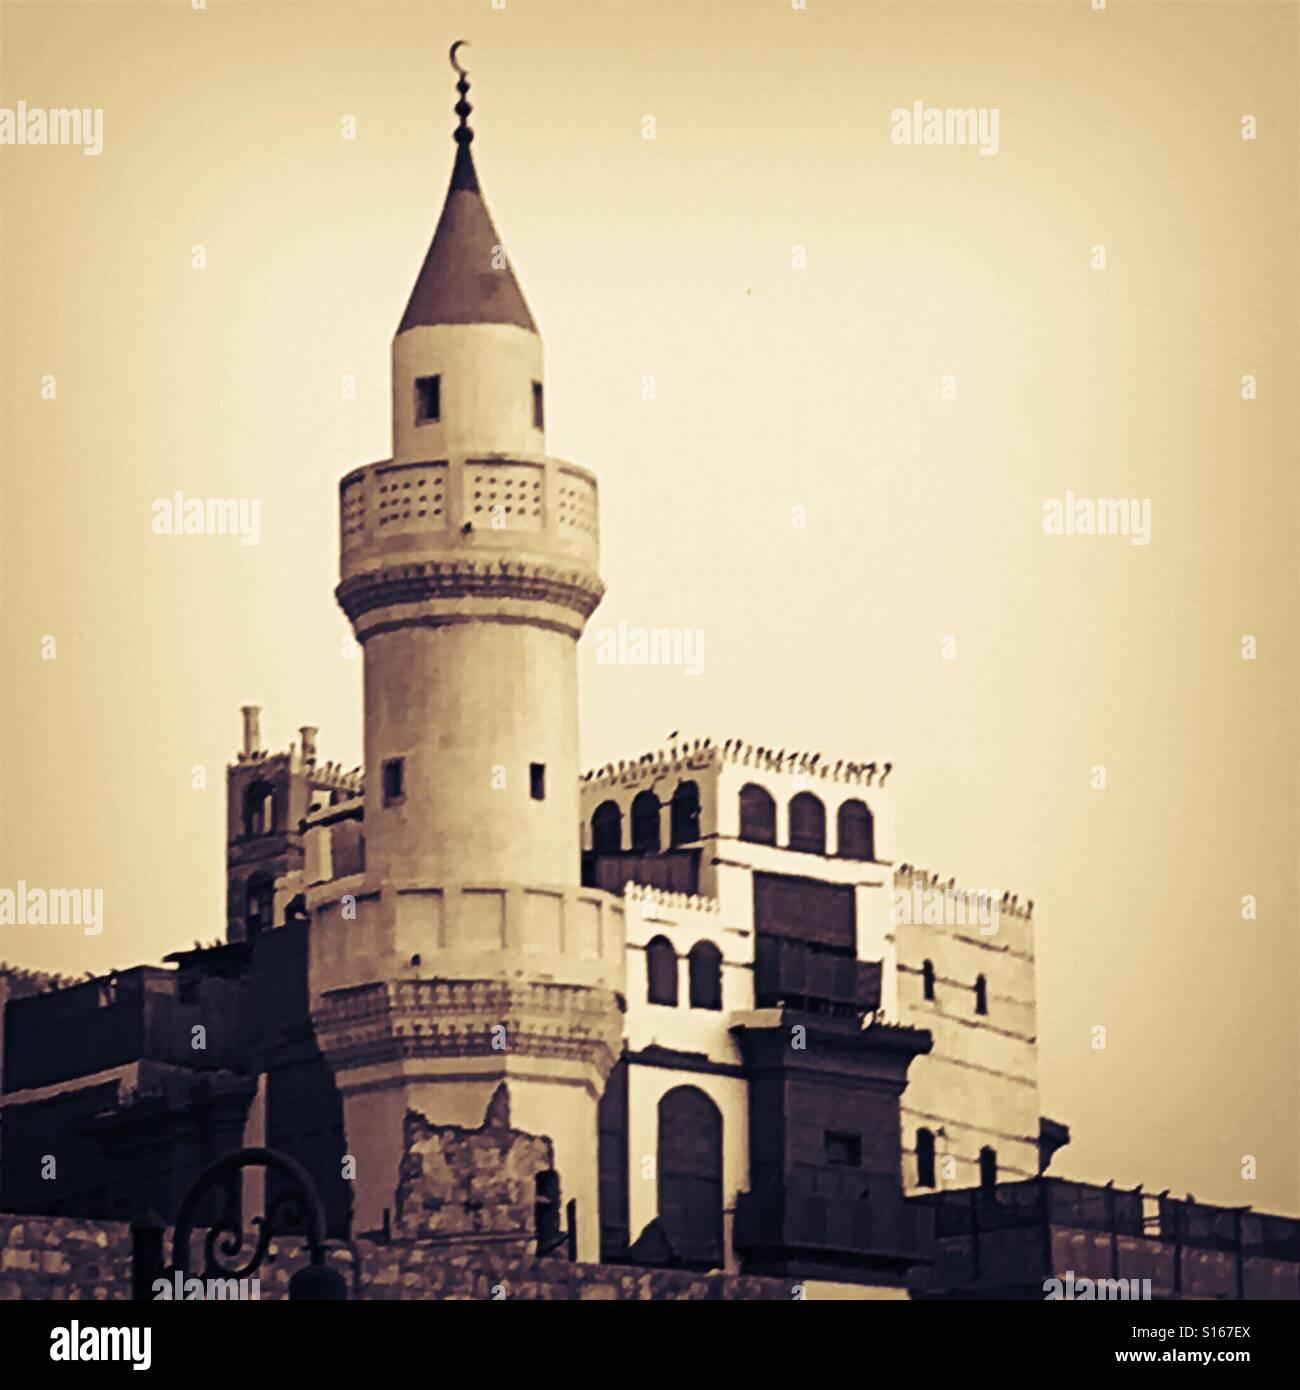 Mosquée de Jeddah, Arabie saoudite dans quartier historique Photo Stock